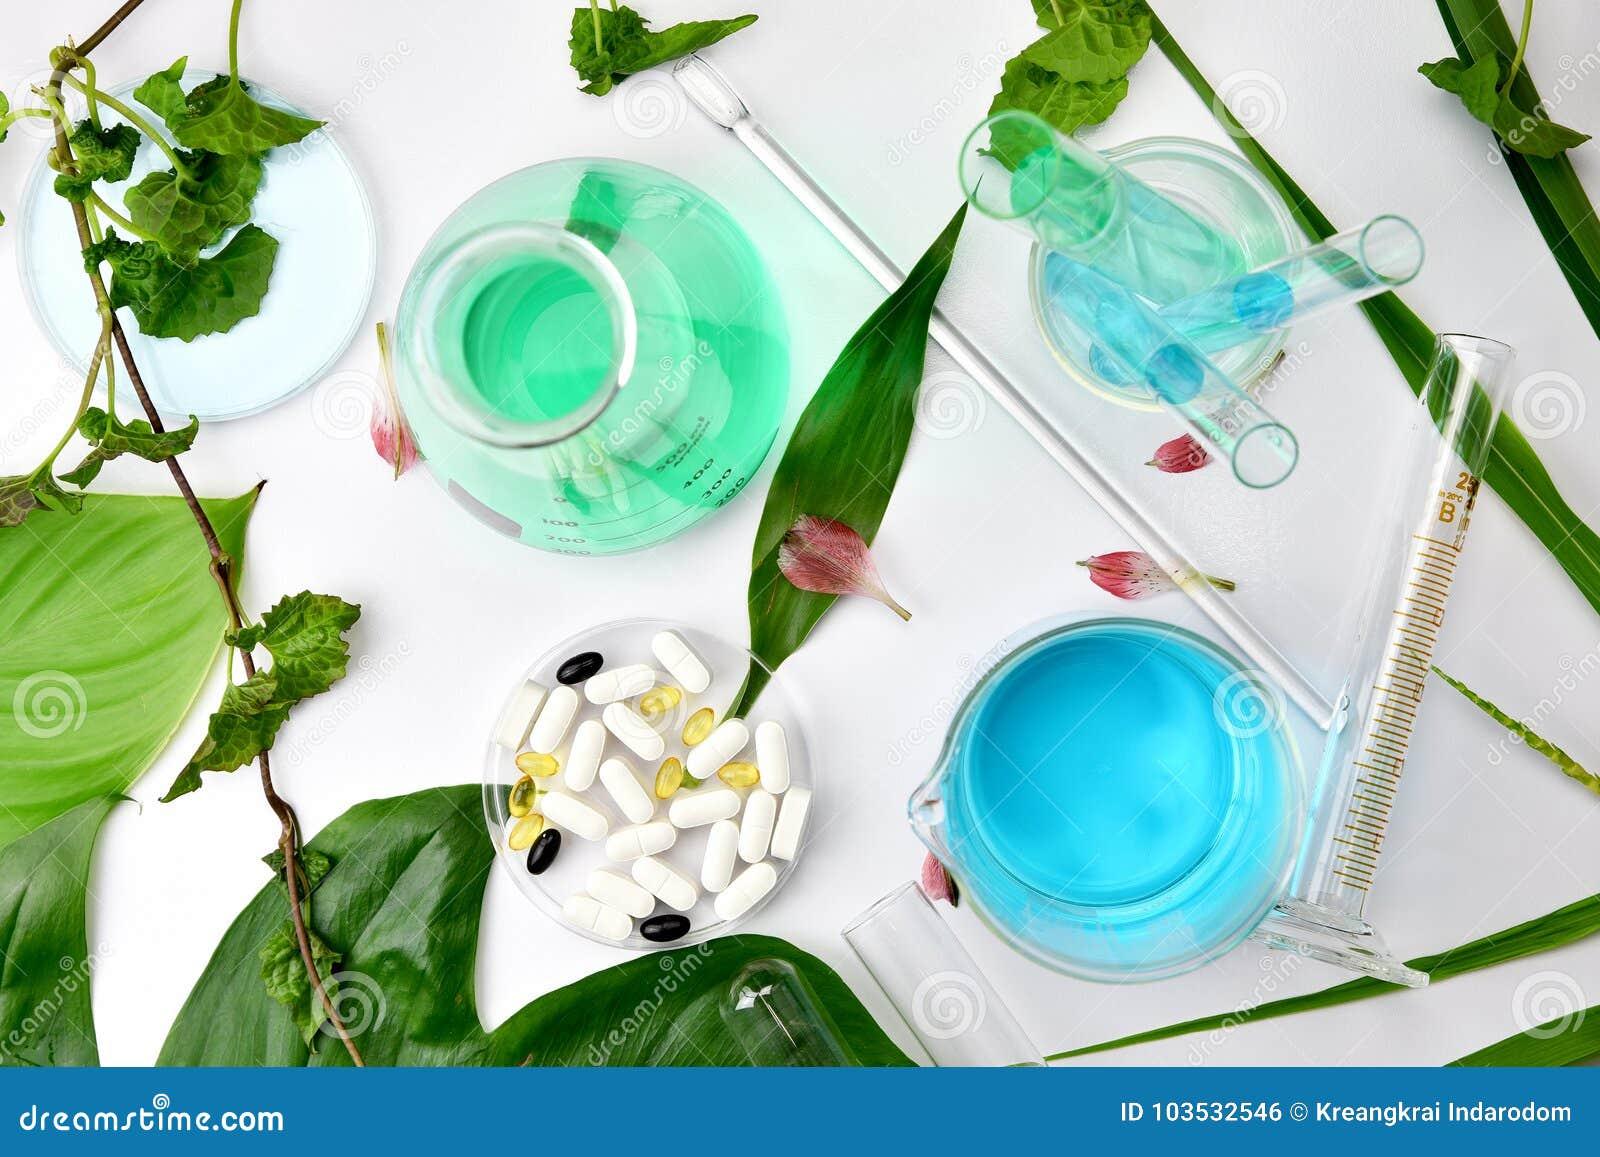 Φυσική οργανική βοτανική και επιστημονικά γυαλικά, εναλλακτική ιατρική χορταριών, φυσικά δέρματος προϊόντα ομορφιάς φροντίδας καλ